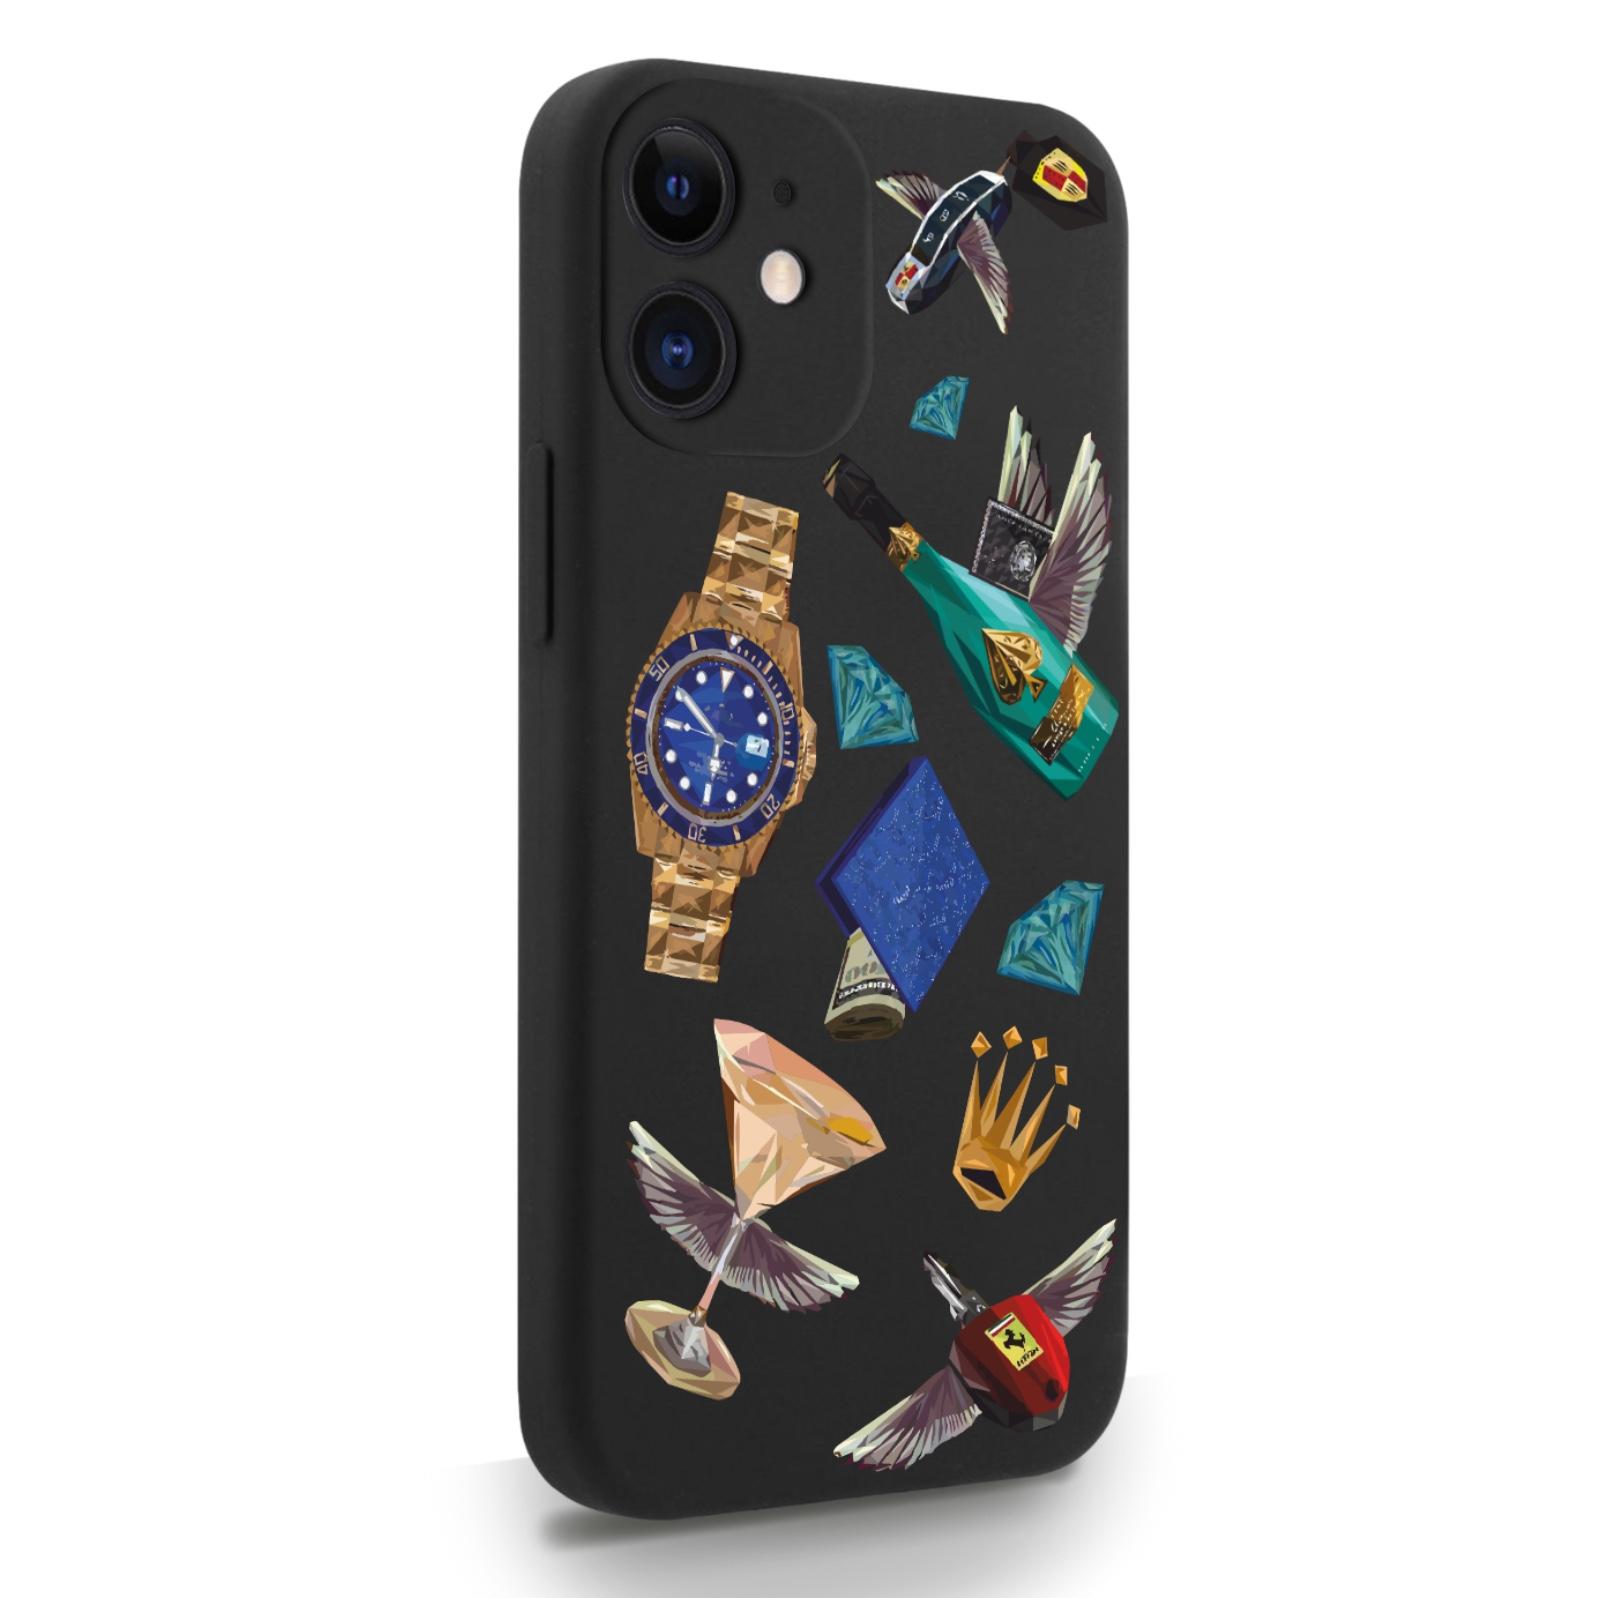 Черный силиконовый чехол для iPhone 12 Mini Luxury lifestyle для Айфон 12 Мини